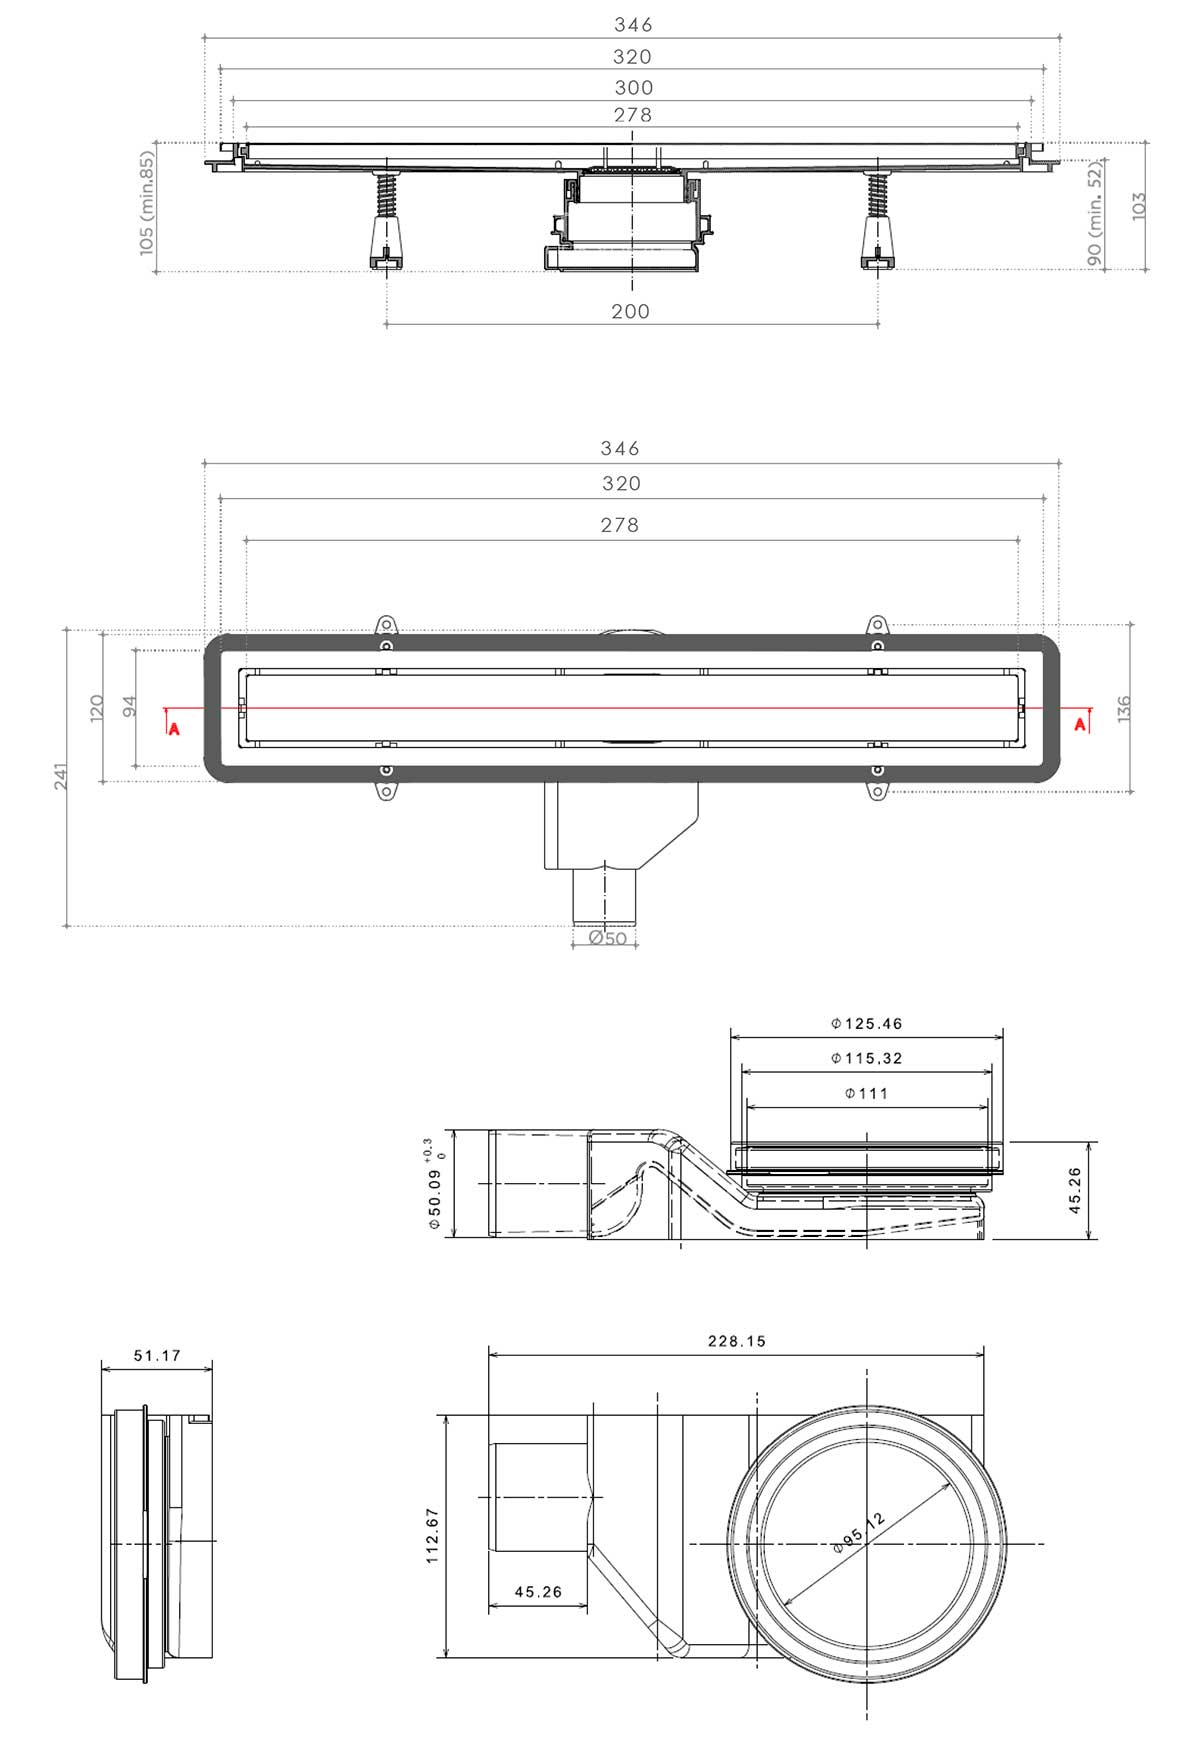 Схематические размеры линейного трапа Confluo Premium Line от PESTAN.